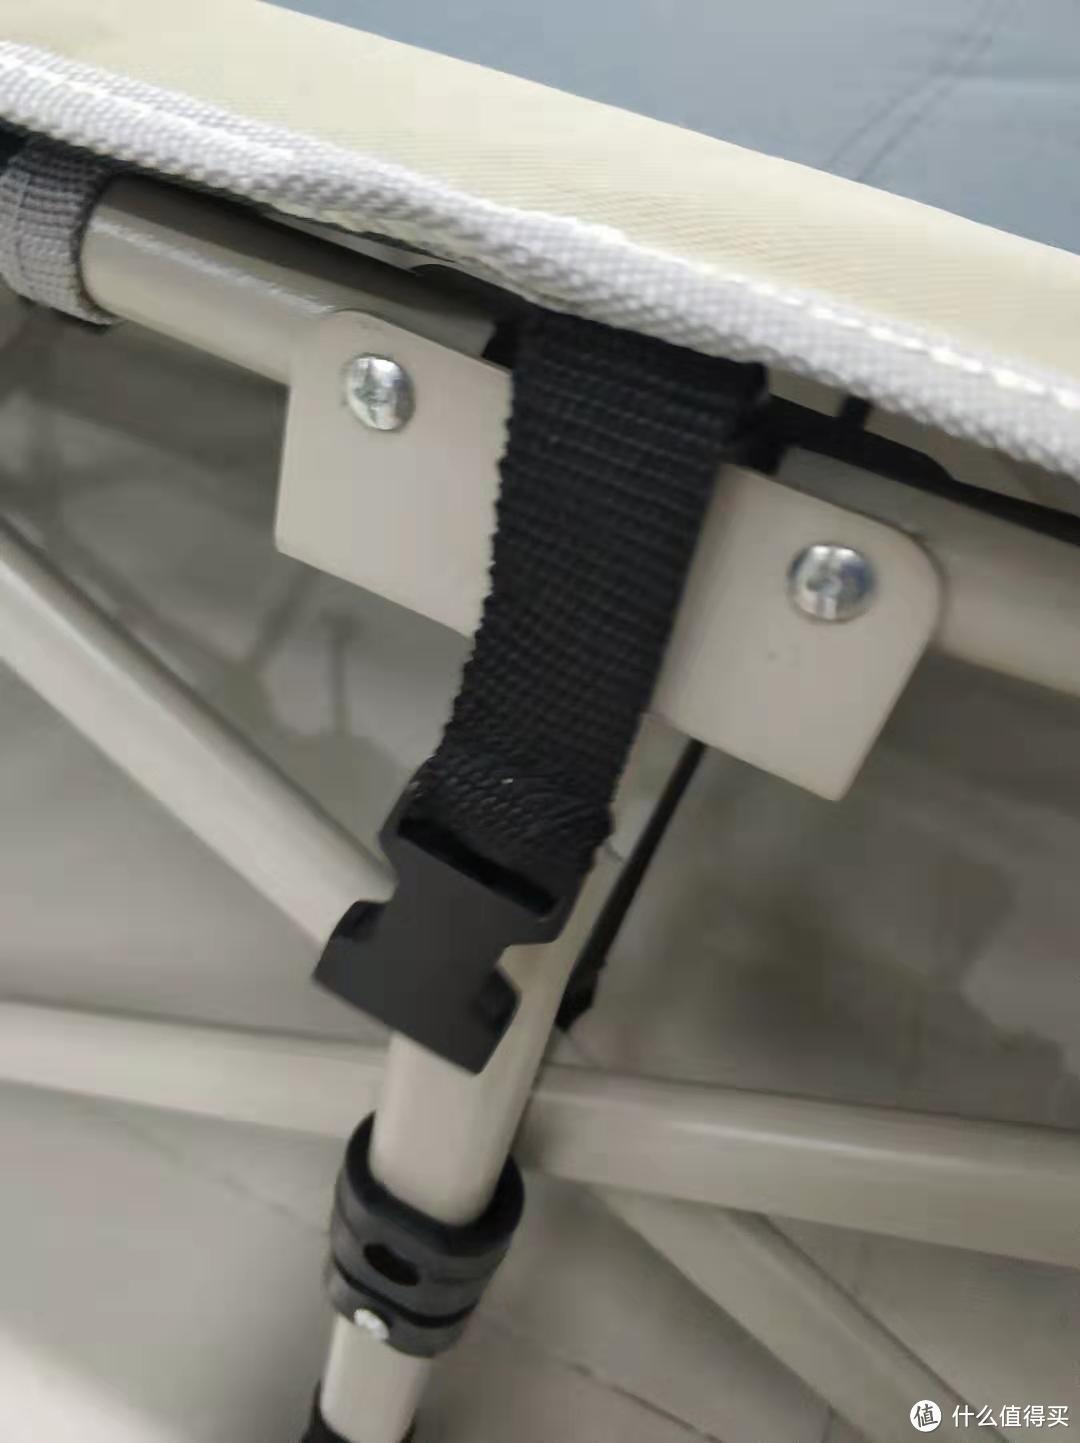 插扣与钢管衔接处细节